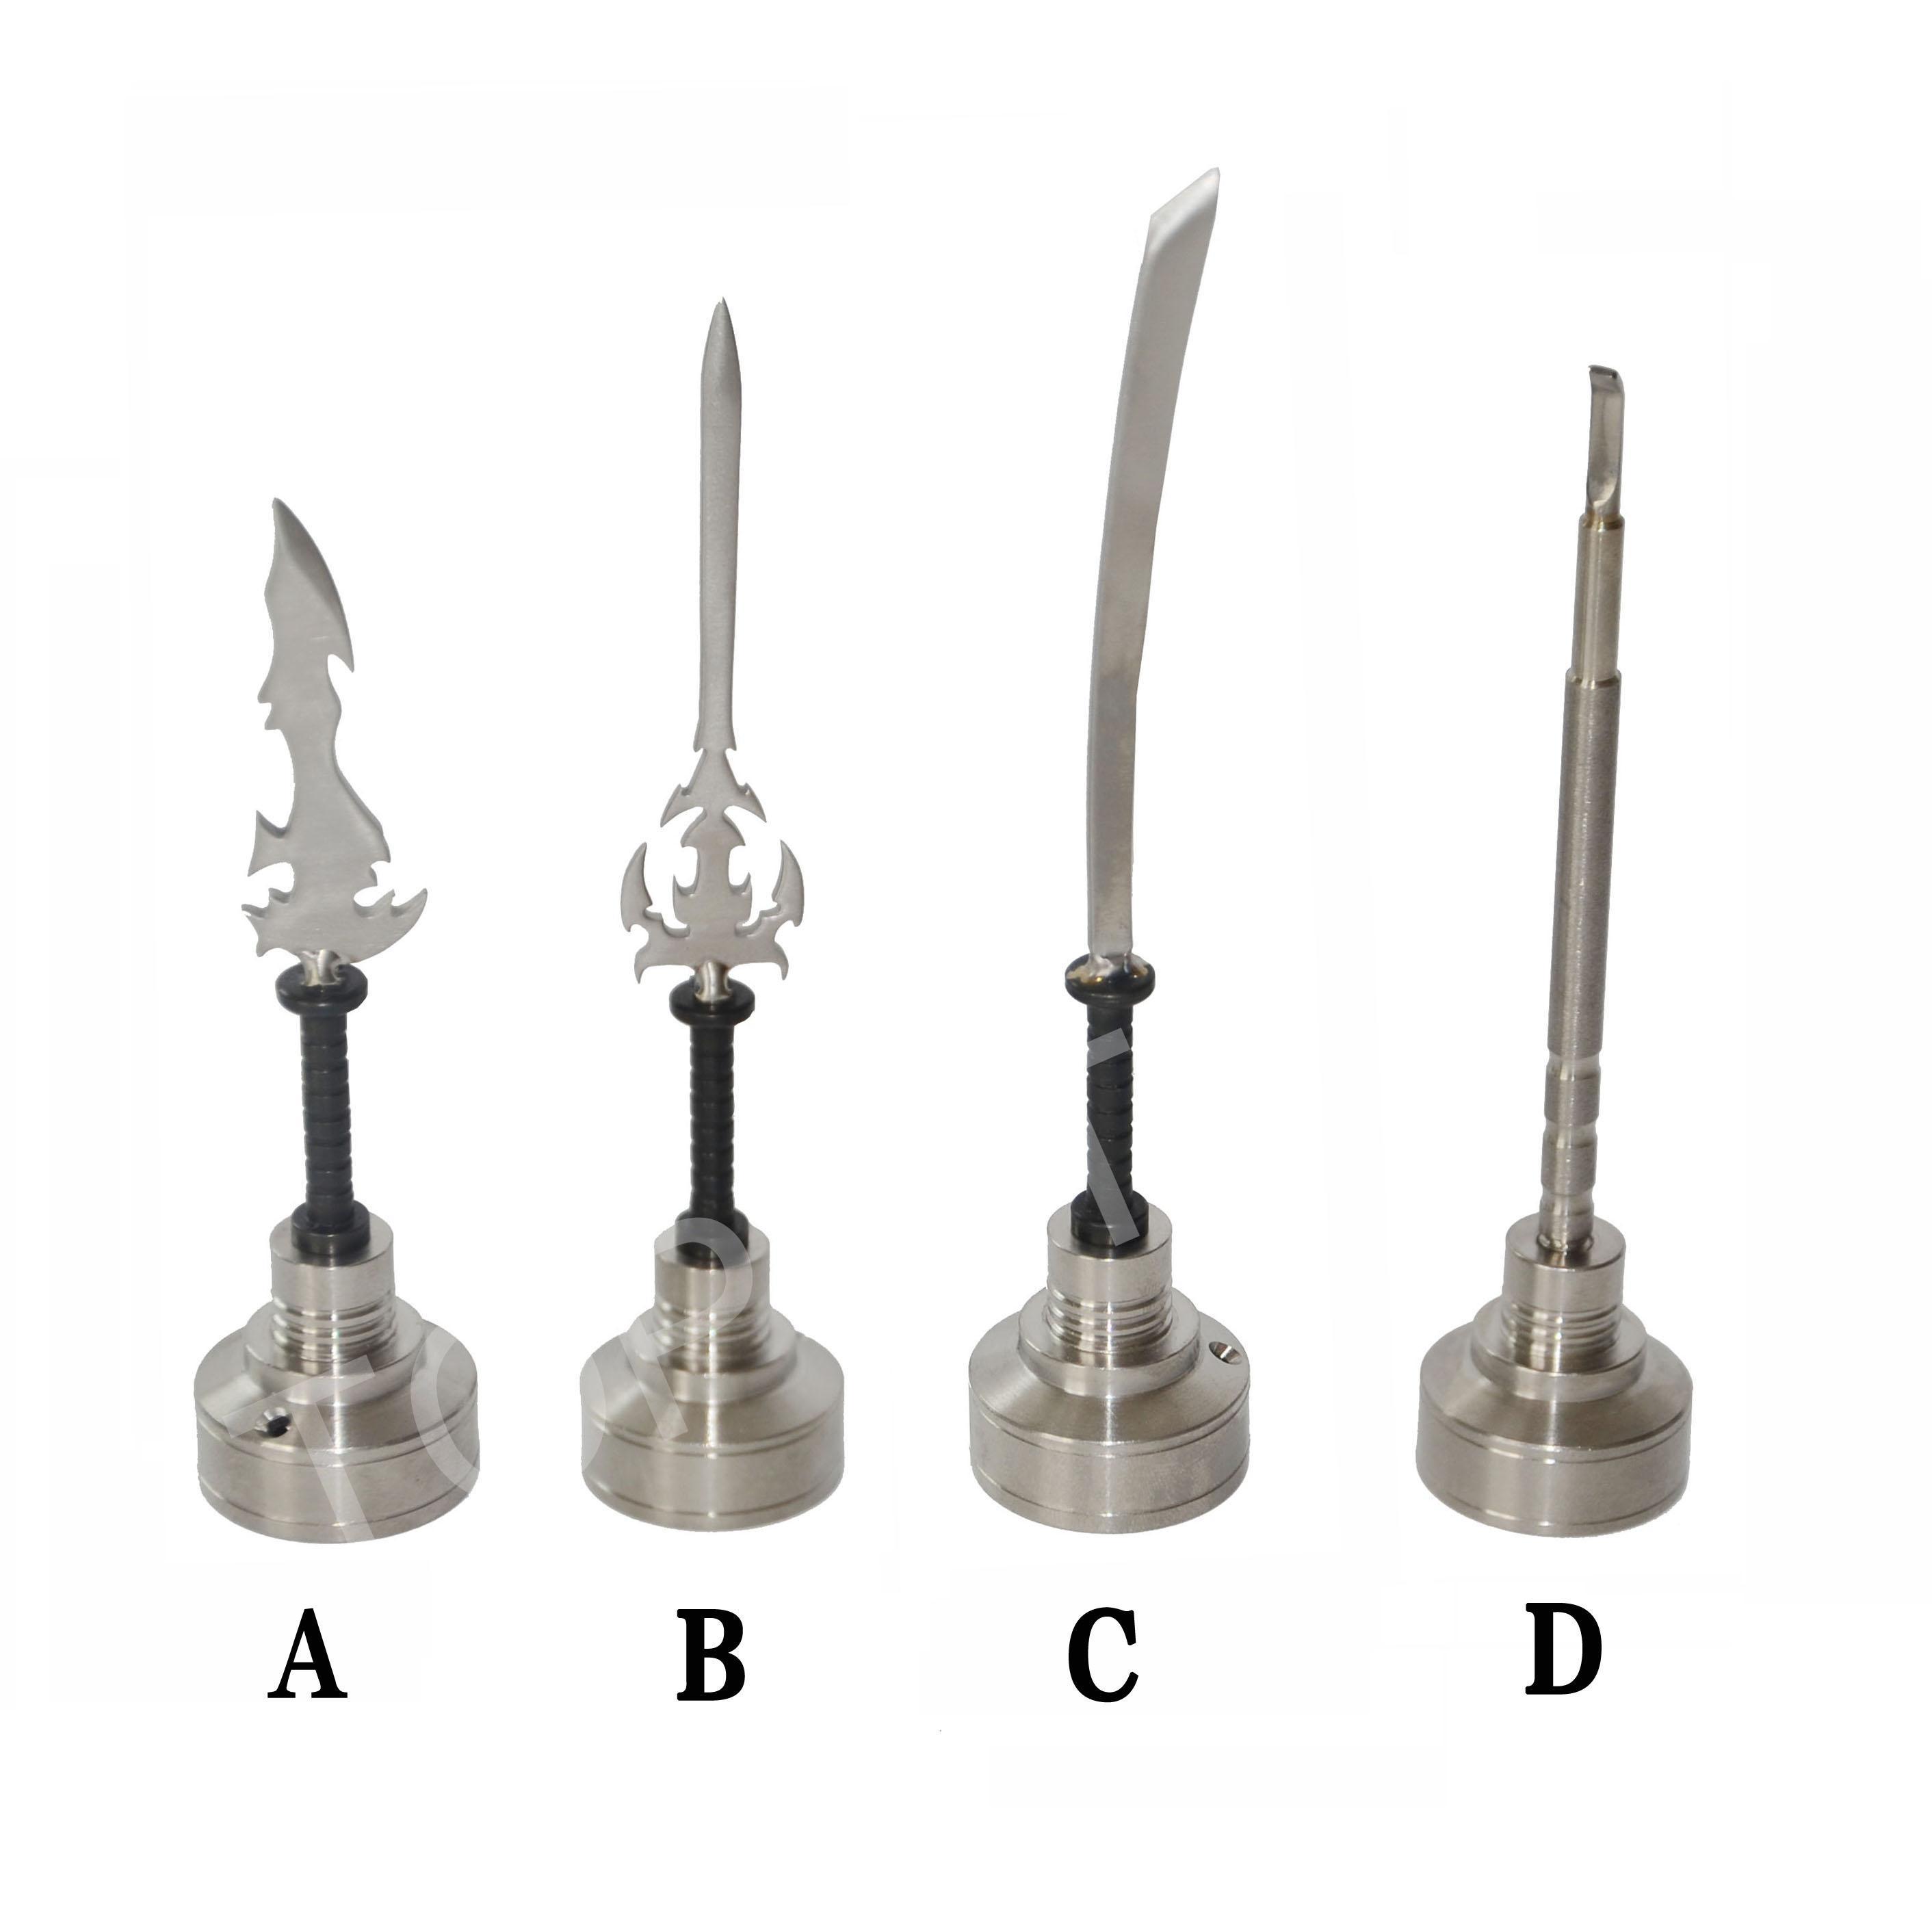 GR2 Titanium Clou 14mm 18mm titane Carb Cap outil sans couture cire outils de sculpture avec différents dabbers courbe, couteau, épée dabber